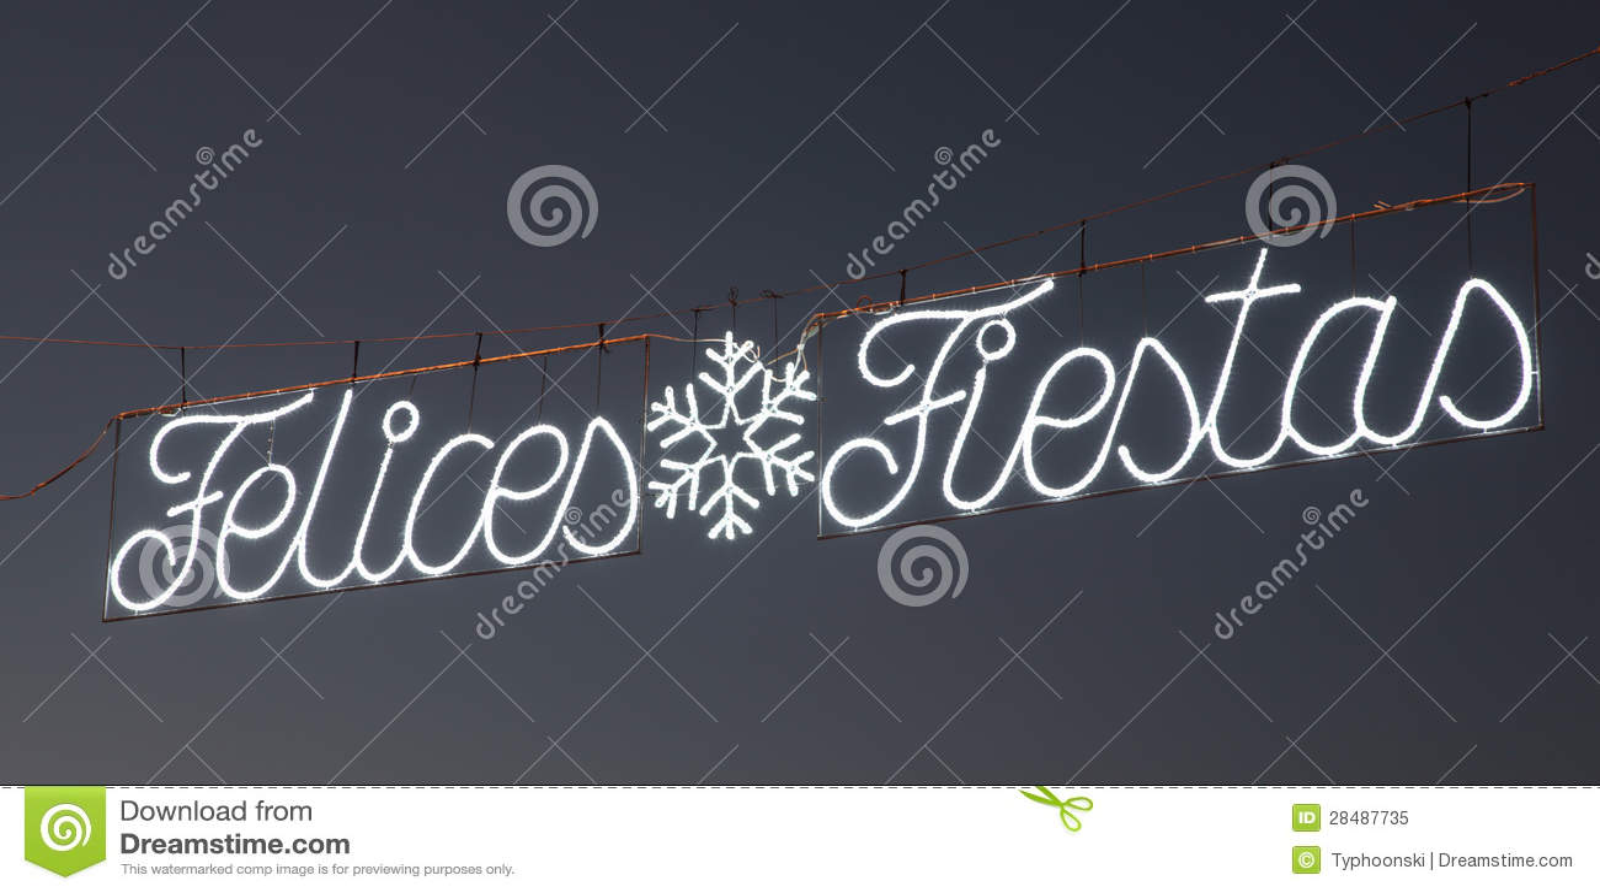 Felices Fiestas - Happy Holidays